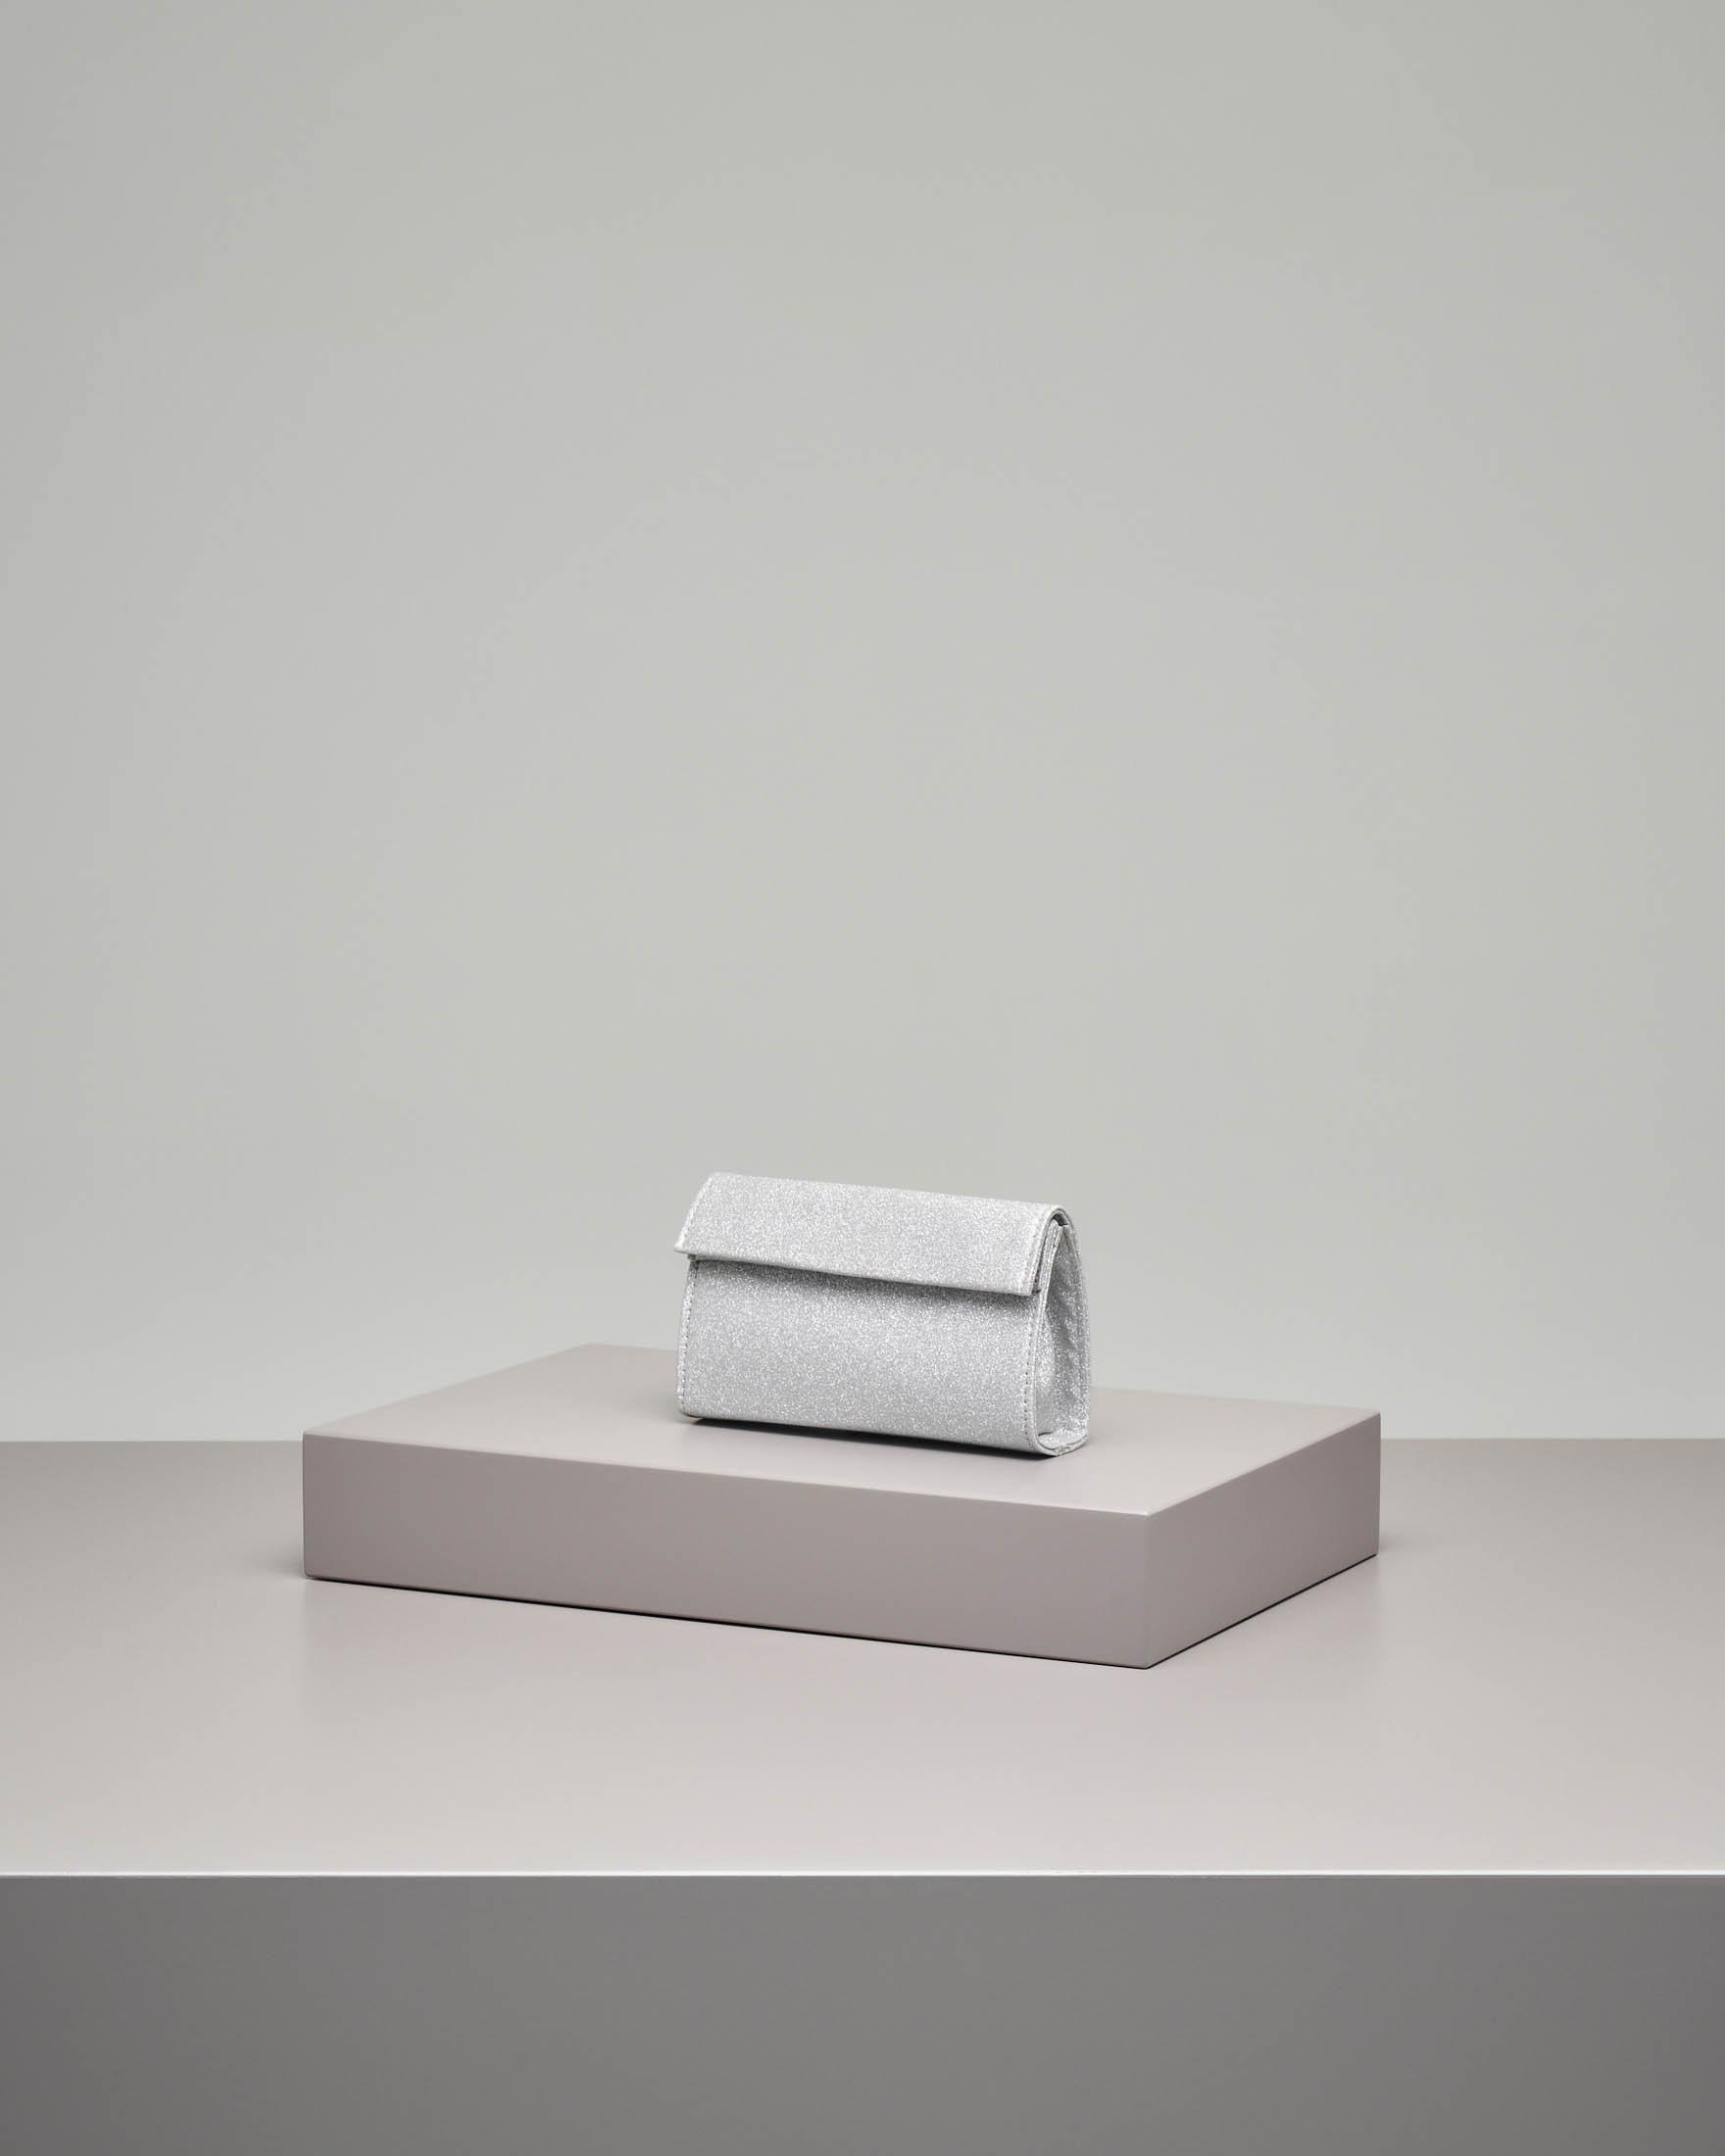 Pochette a base rigida in tessuto effetto glitter argento con piccola patta